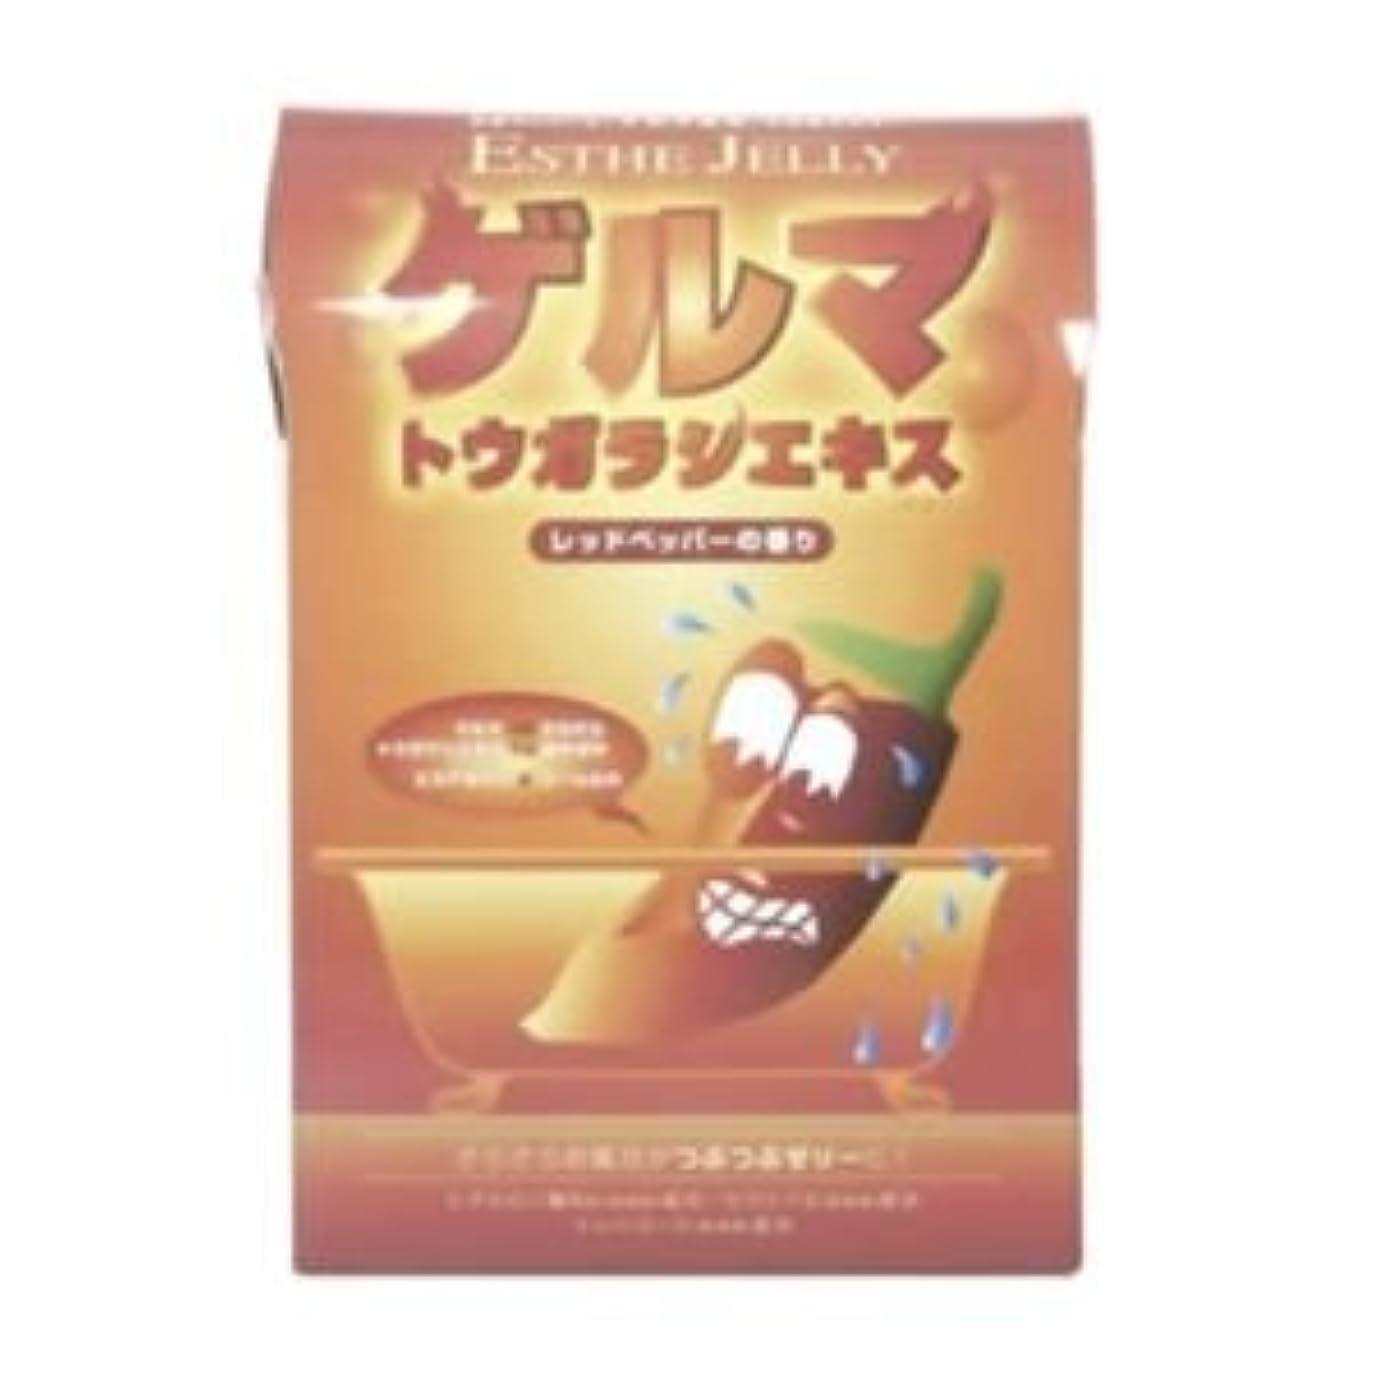 商業の出撃者リーフレットエステゼリー ゲルマ レッドペッパーの香り 【2セット】